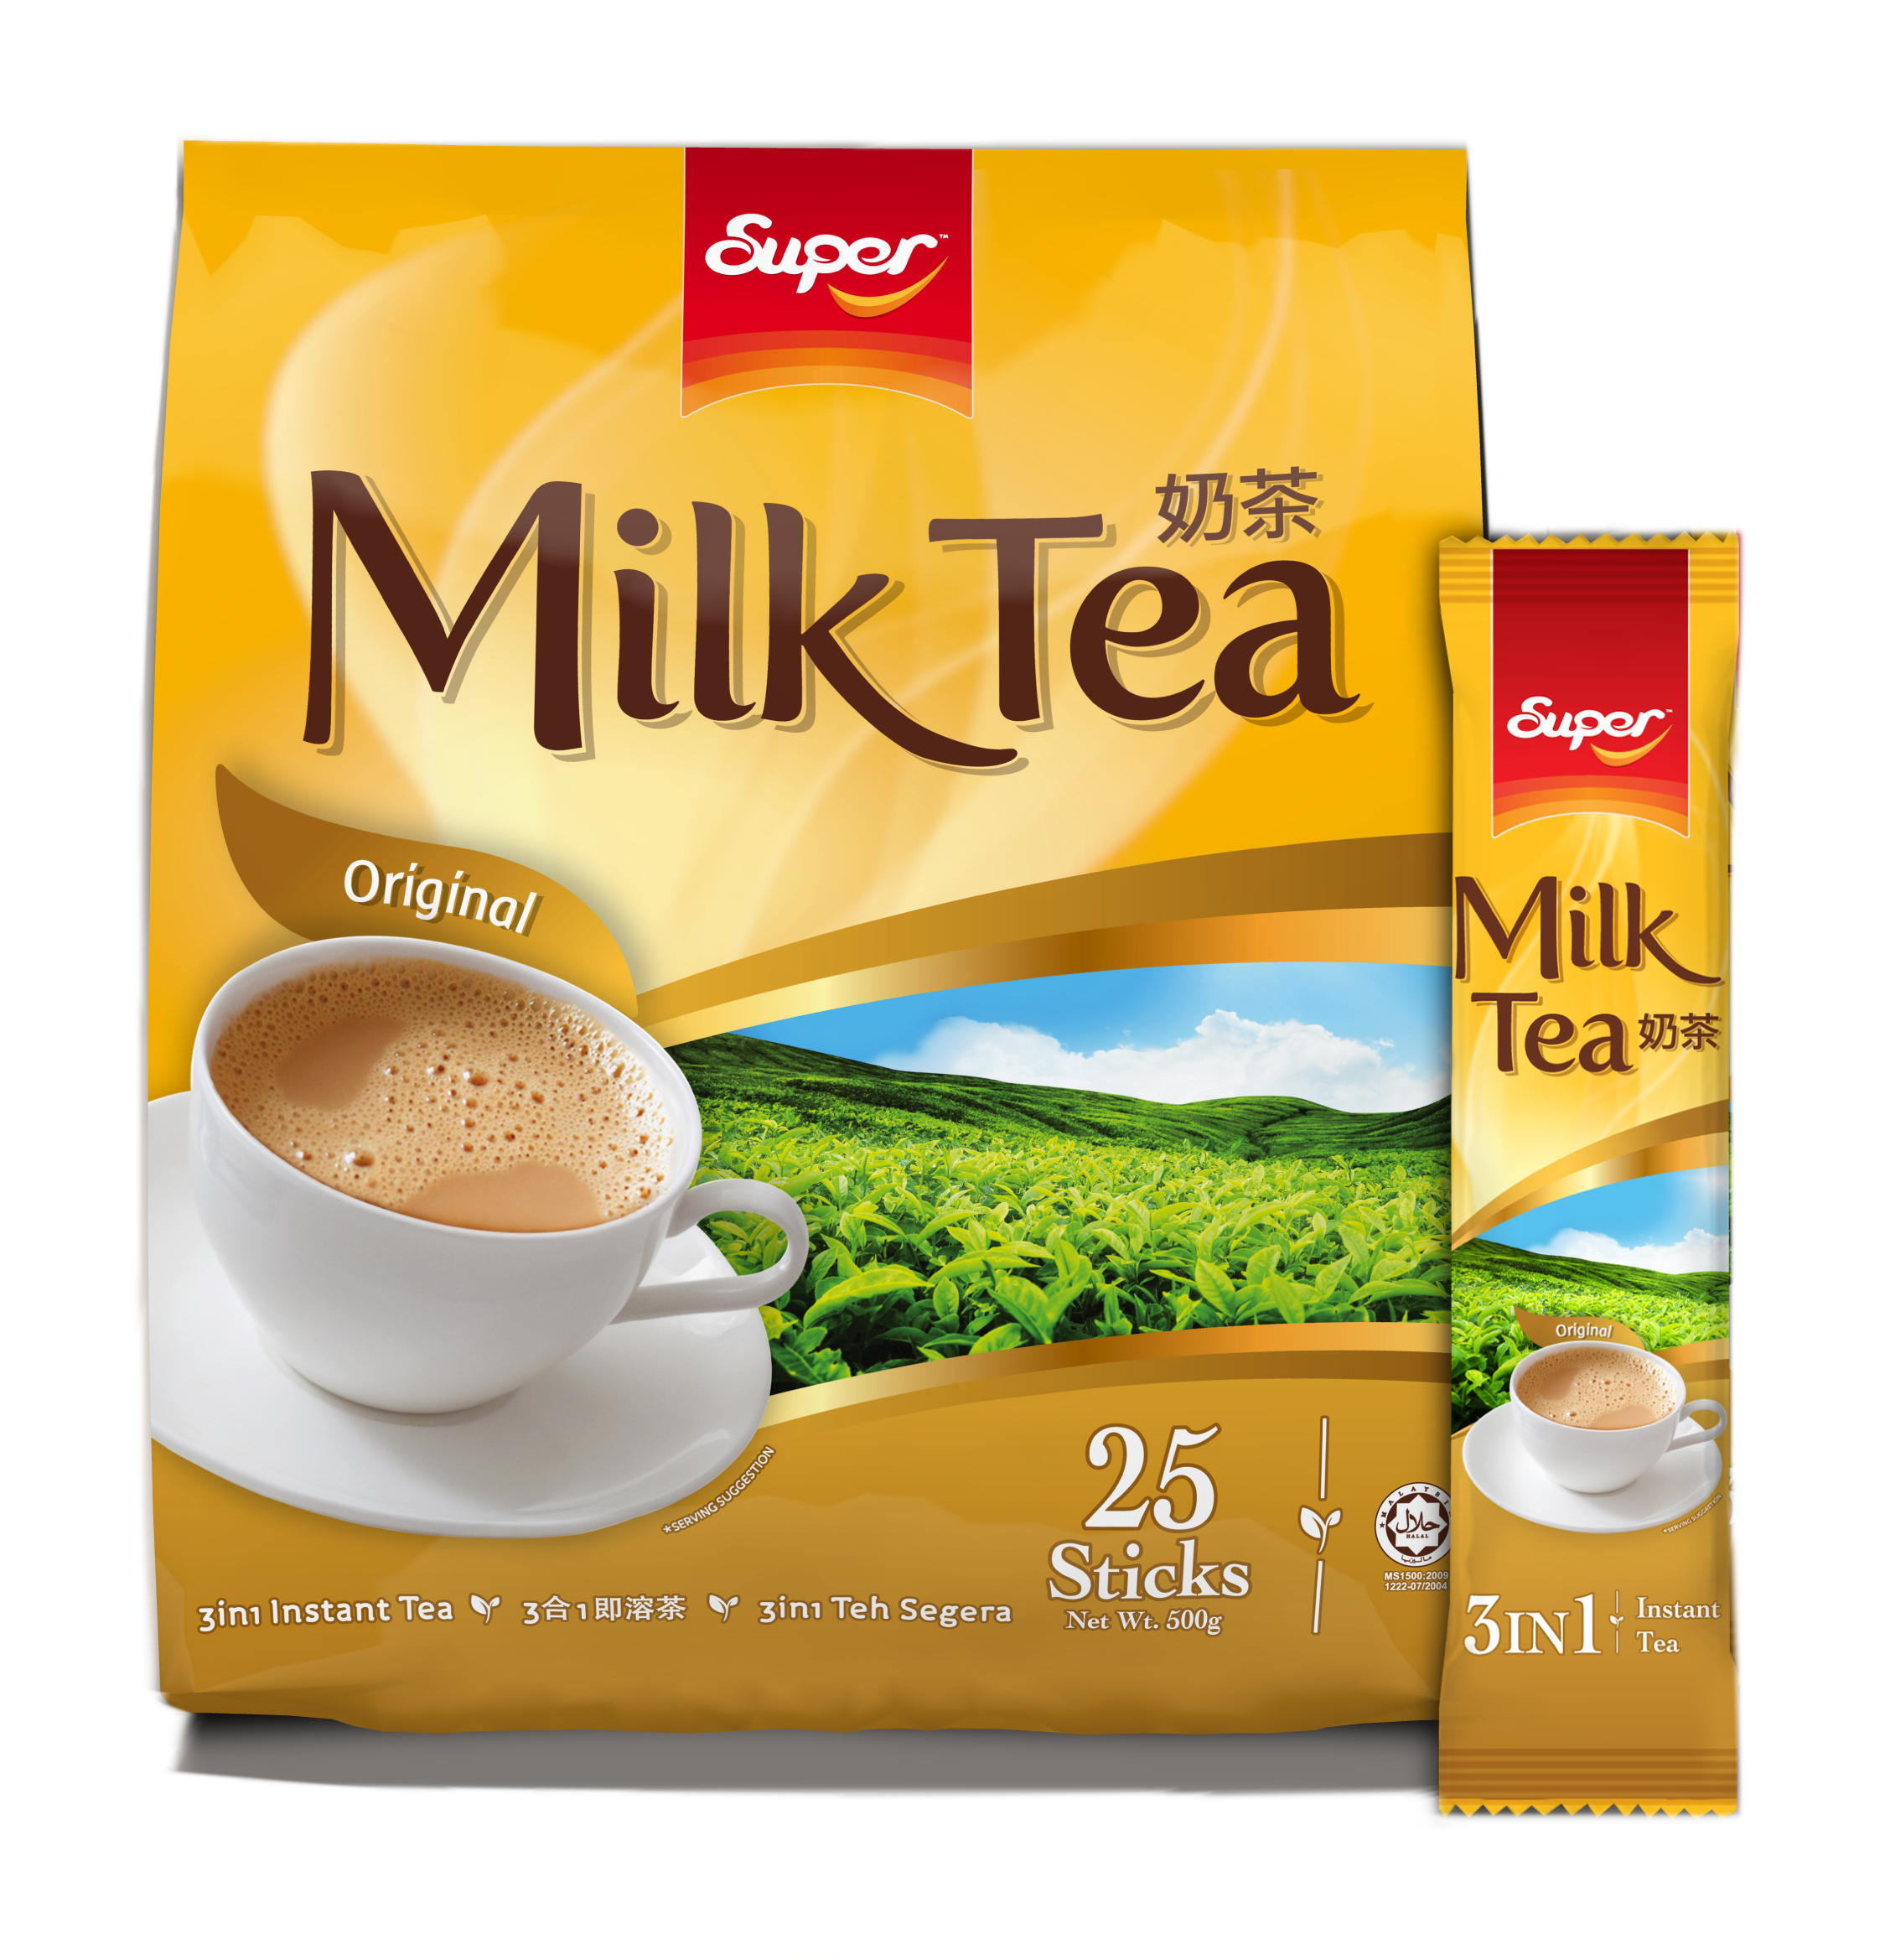 SUPER Instant Milk Tea - Walmart.com - Walmart.com